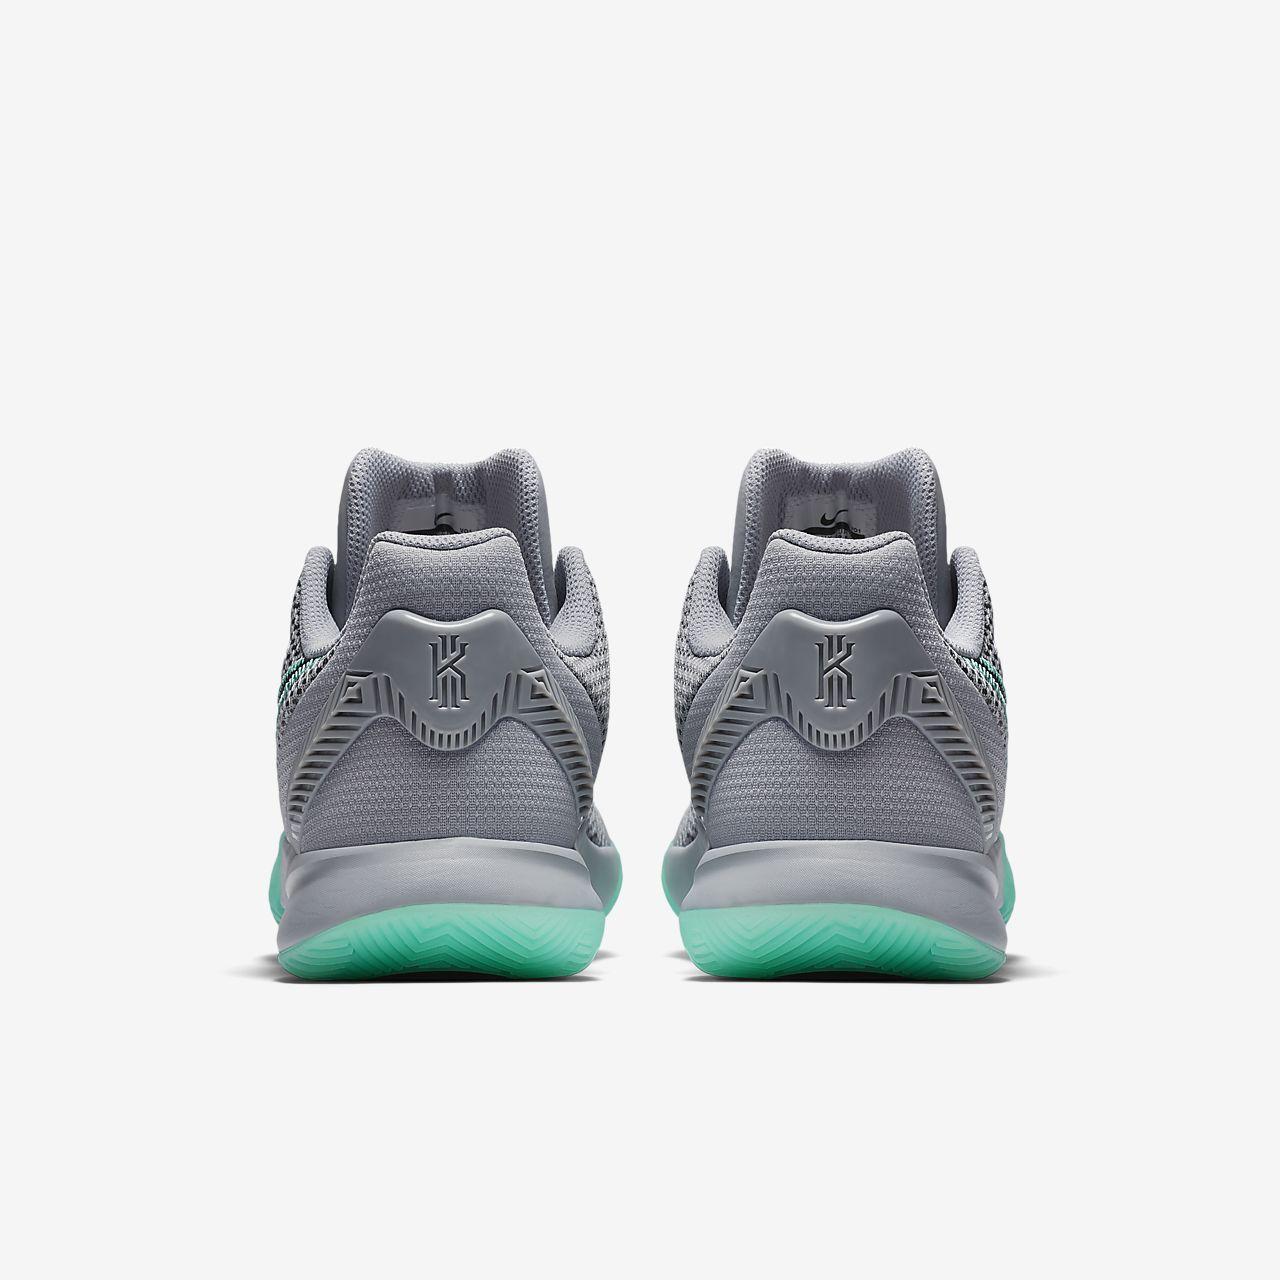 best sneakers 6d998 cfa51 ... Kyrie Flytrap II EP Basketball Shoe